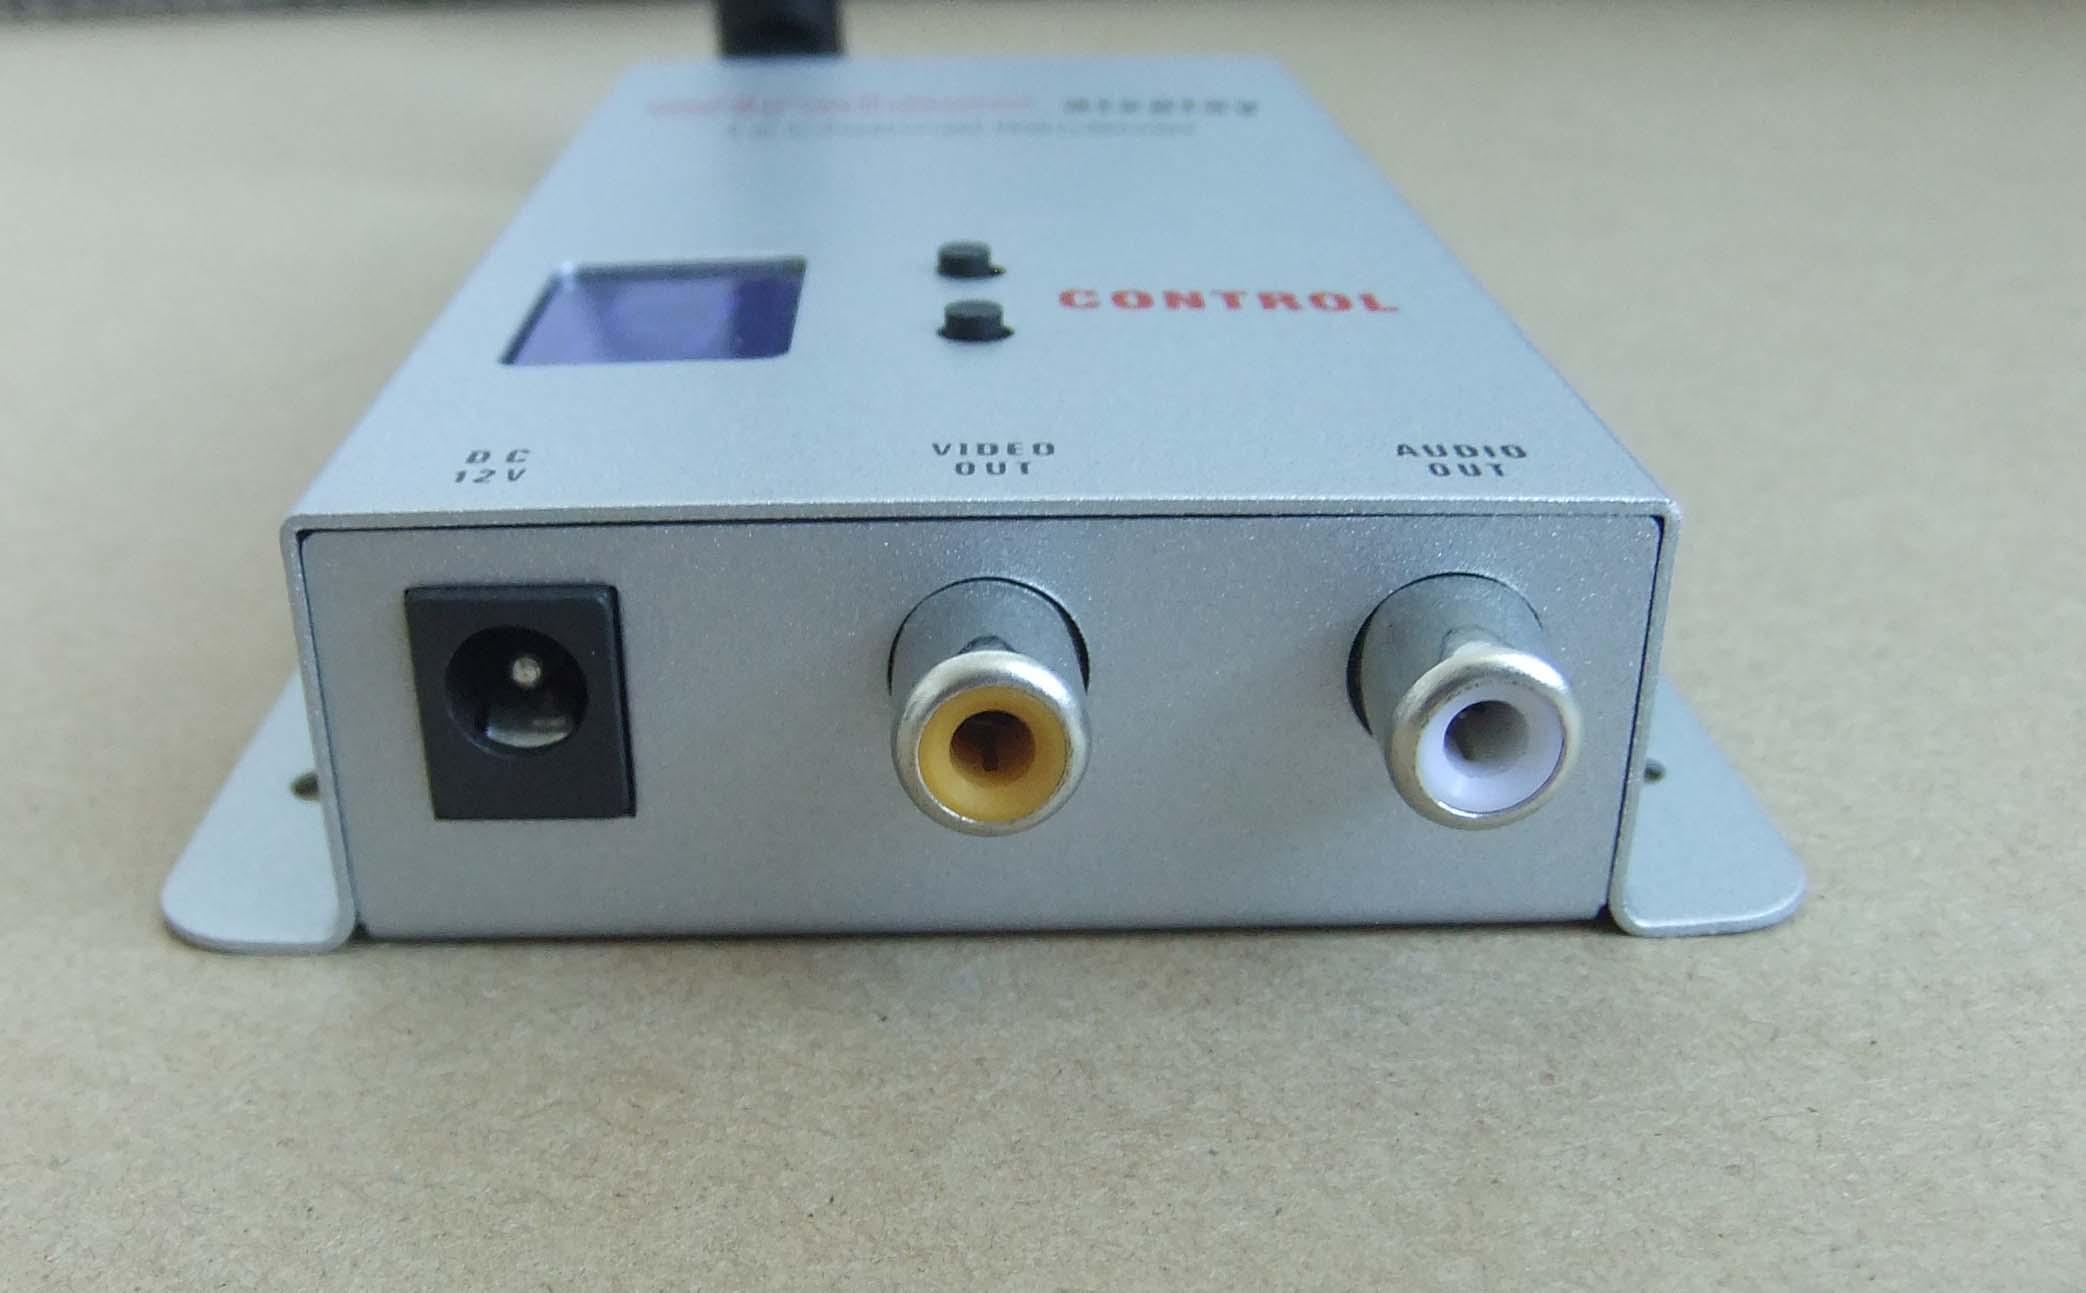 Беспроводное аудиооборудование 1,2 г 2 Вт fpv антенна беспроводной передачи видеосигнала устройства сильная анти-помех дальность передачи